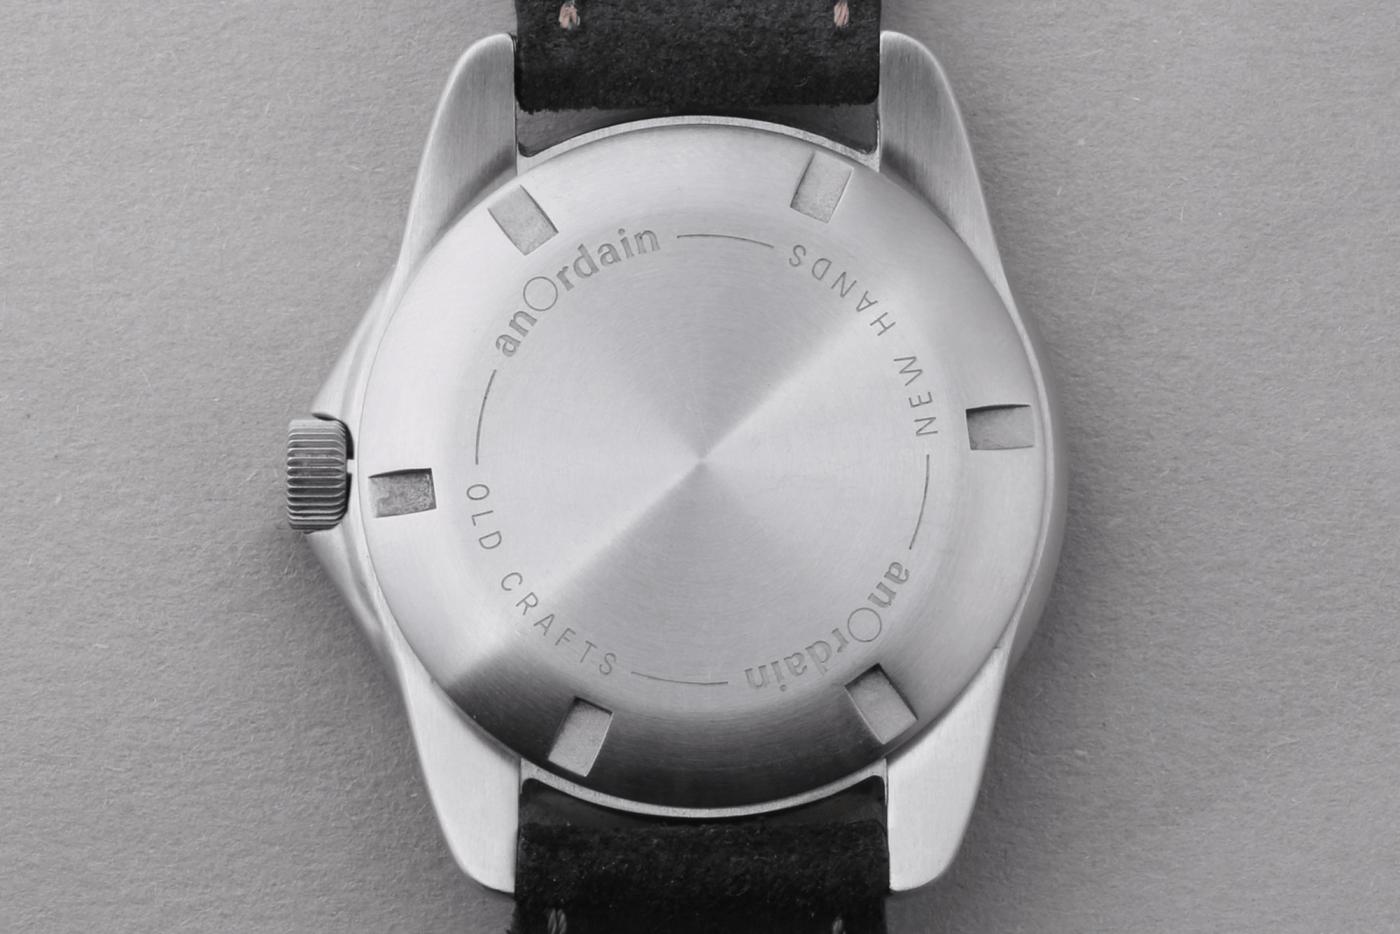 AnOrdain Model 2 Fumé